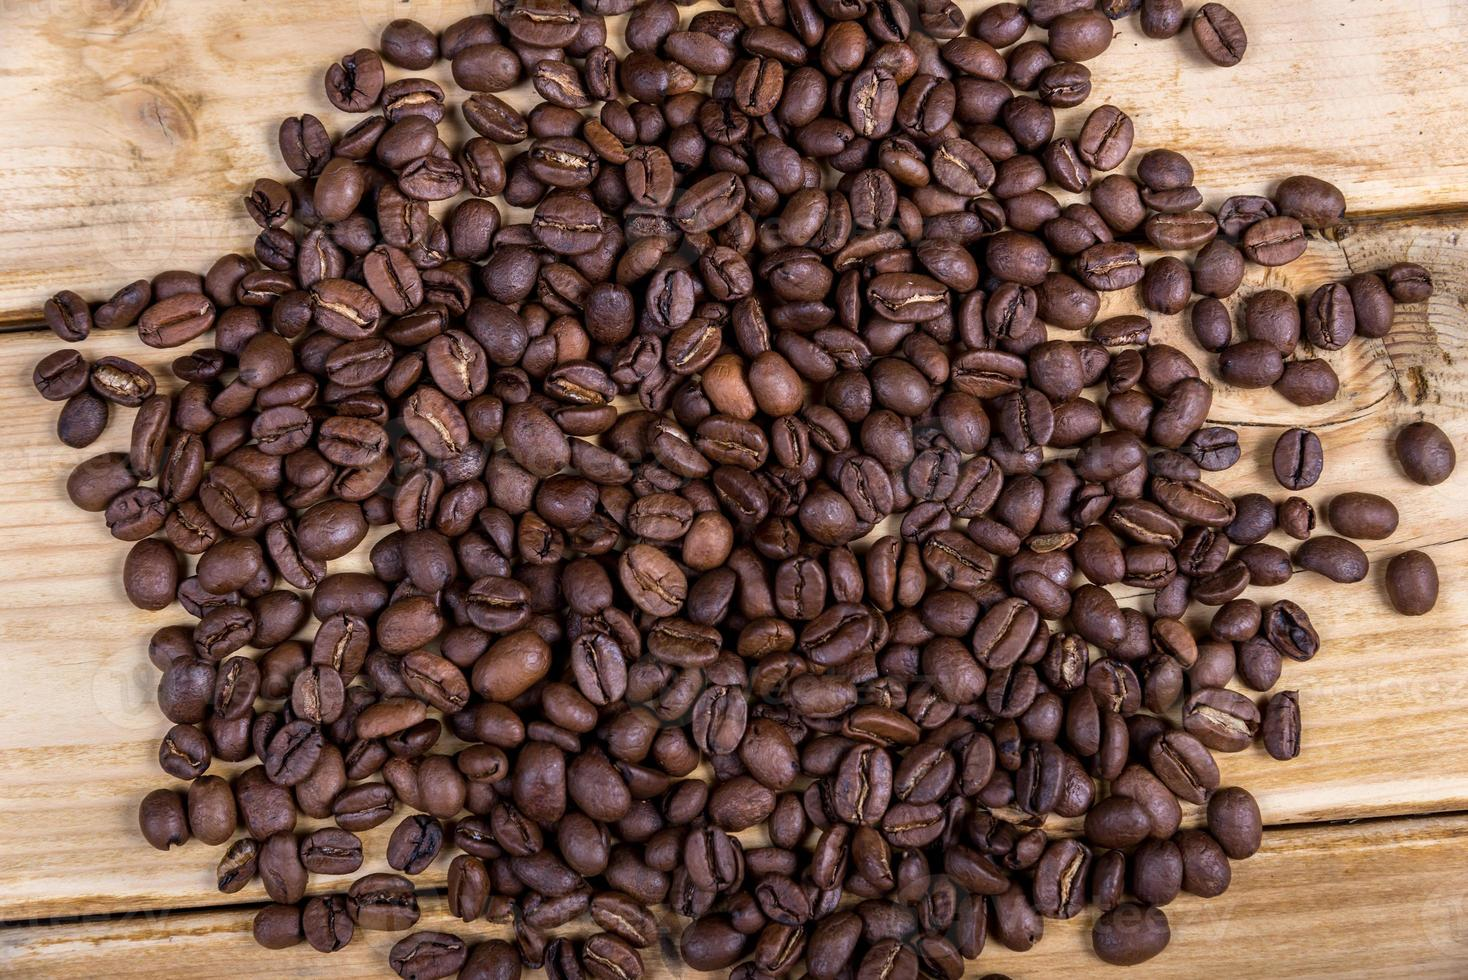 Kaffeebohnen auf dem Holztisch foto